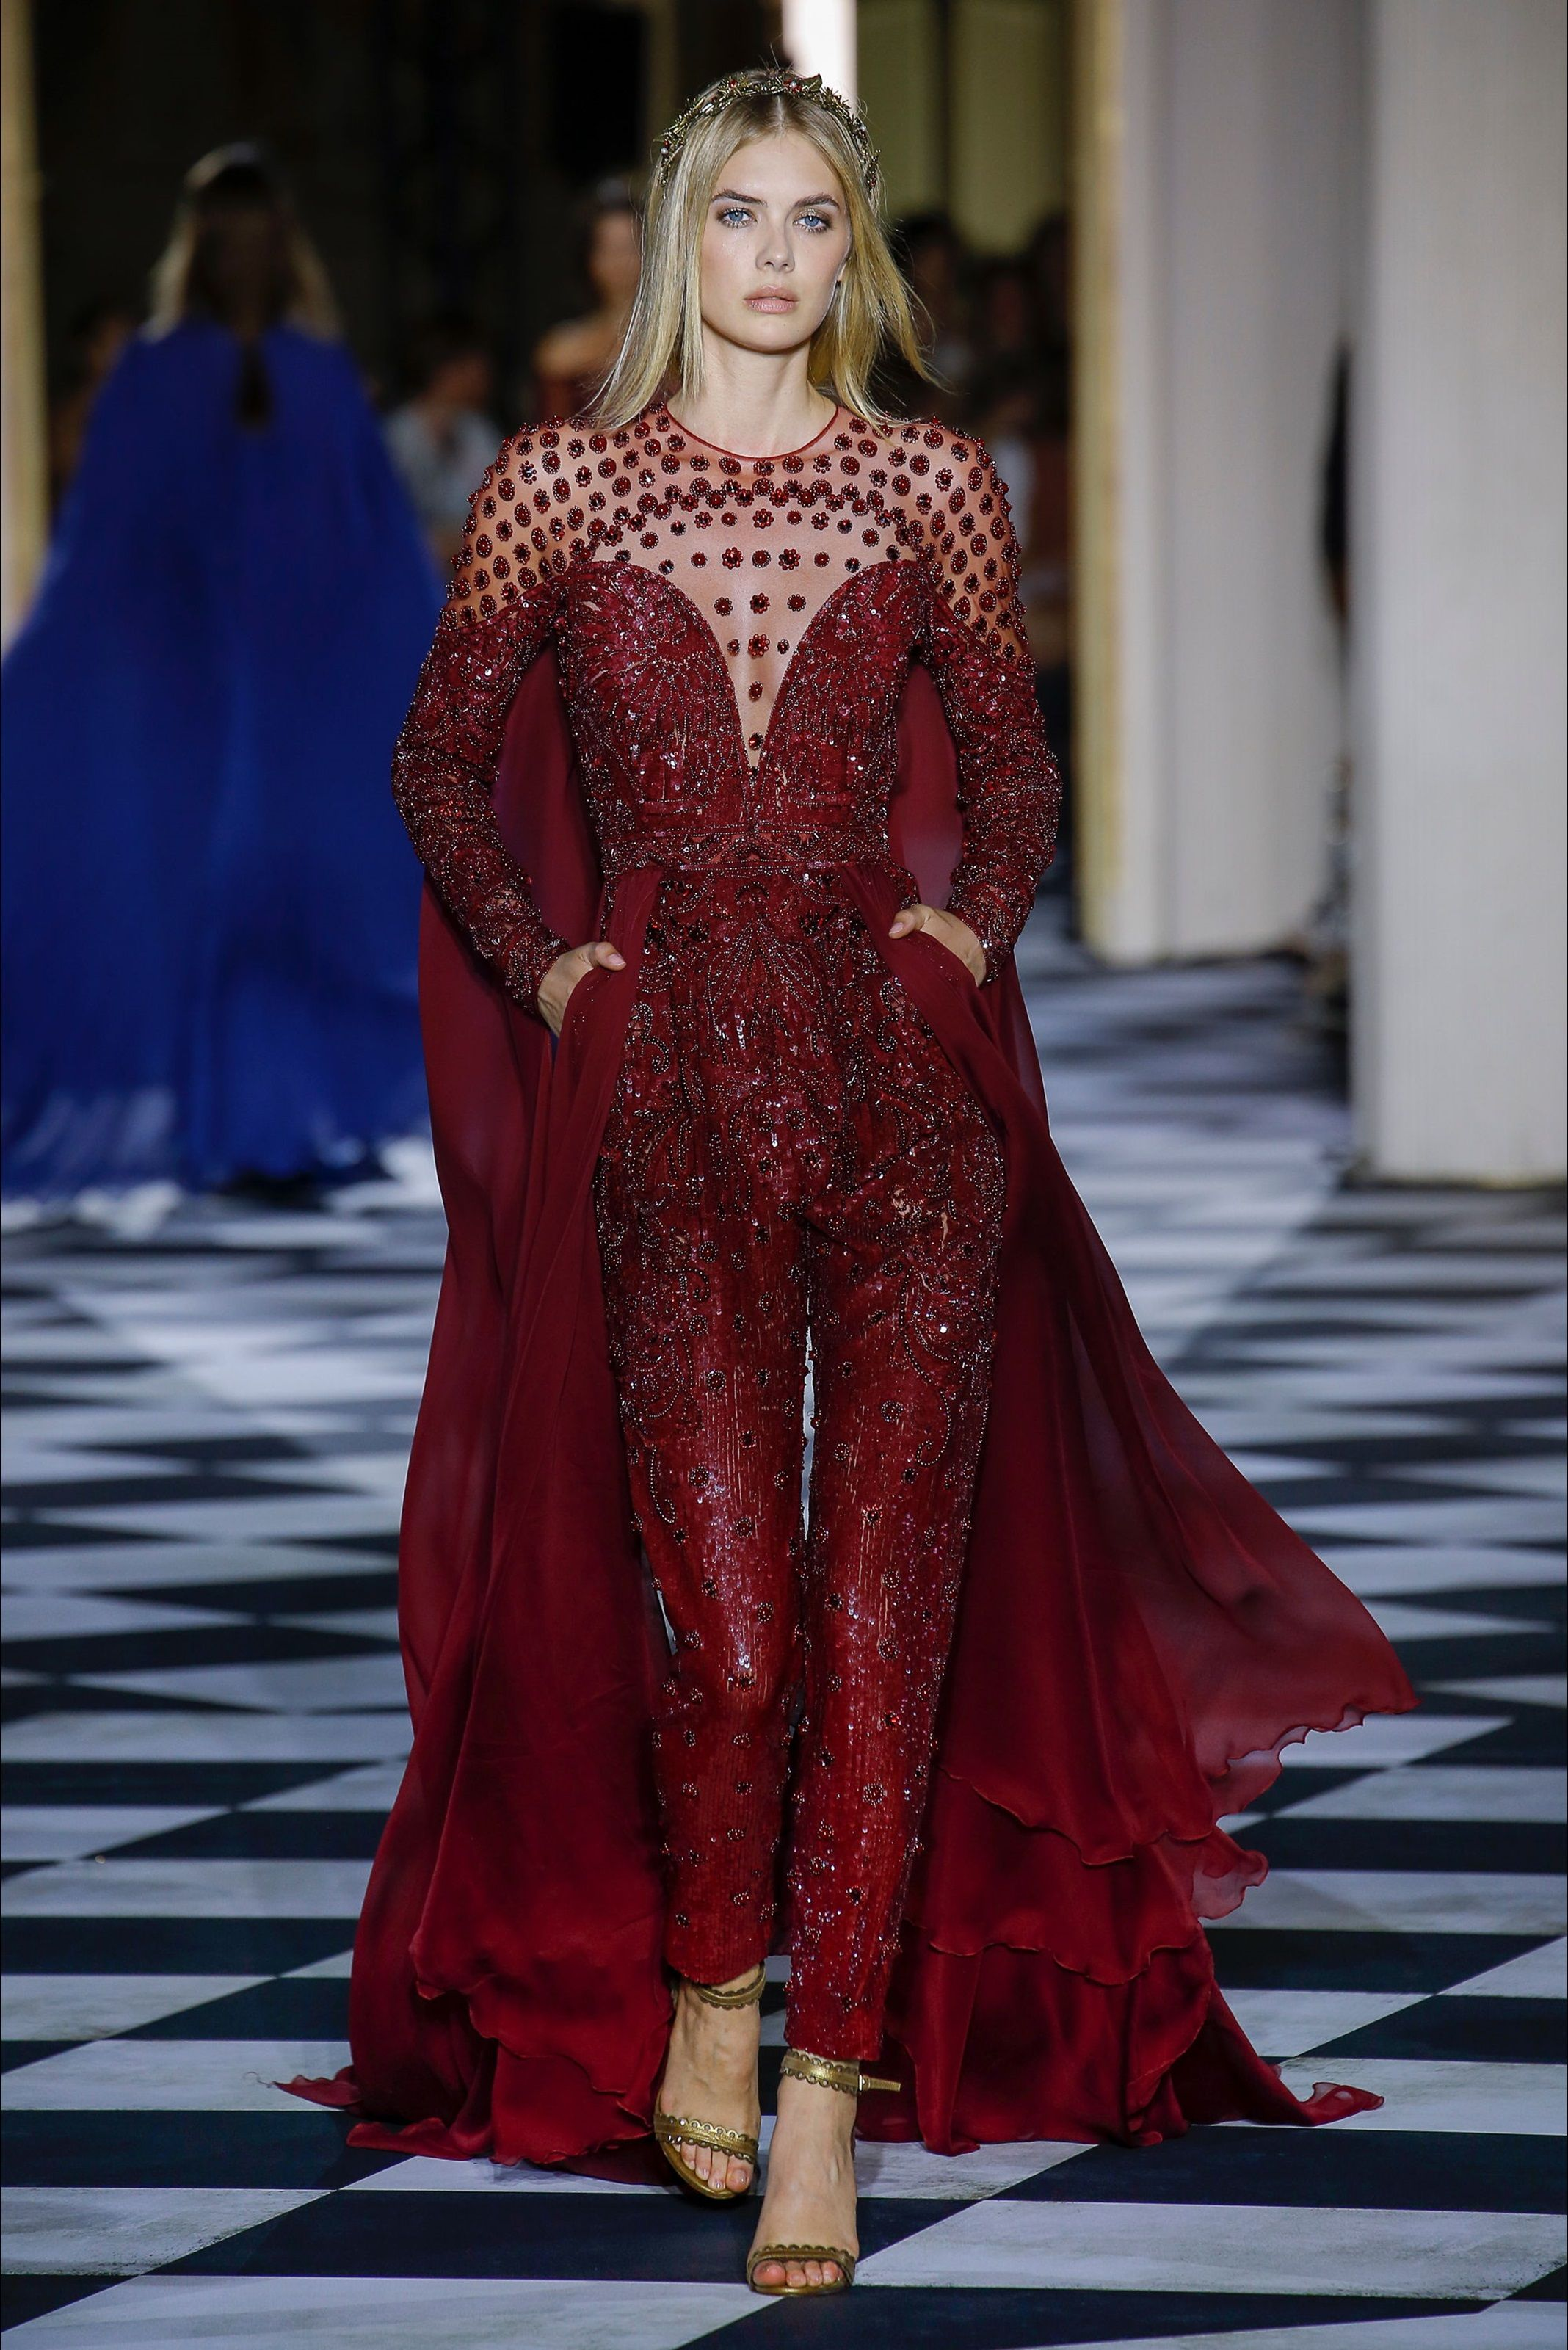 Sfilata Zuhair Murad Parigi - Alta Moda Autunno-Inverno 2018-19 - Vogue 4b25090e2c7